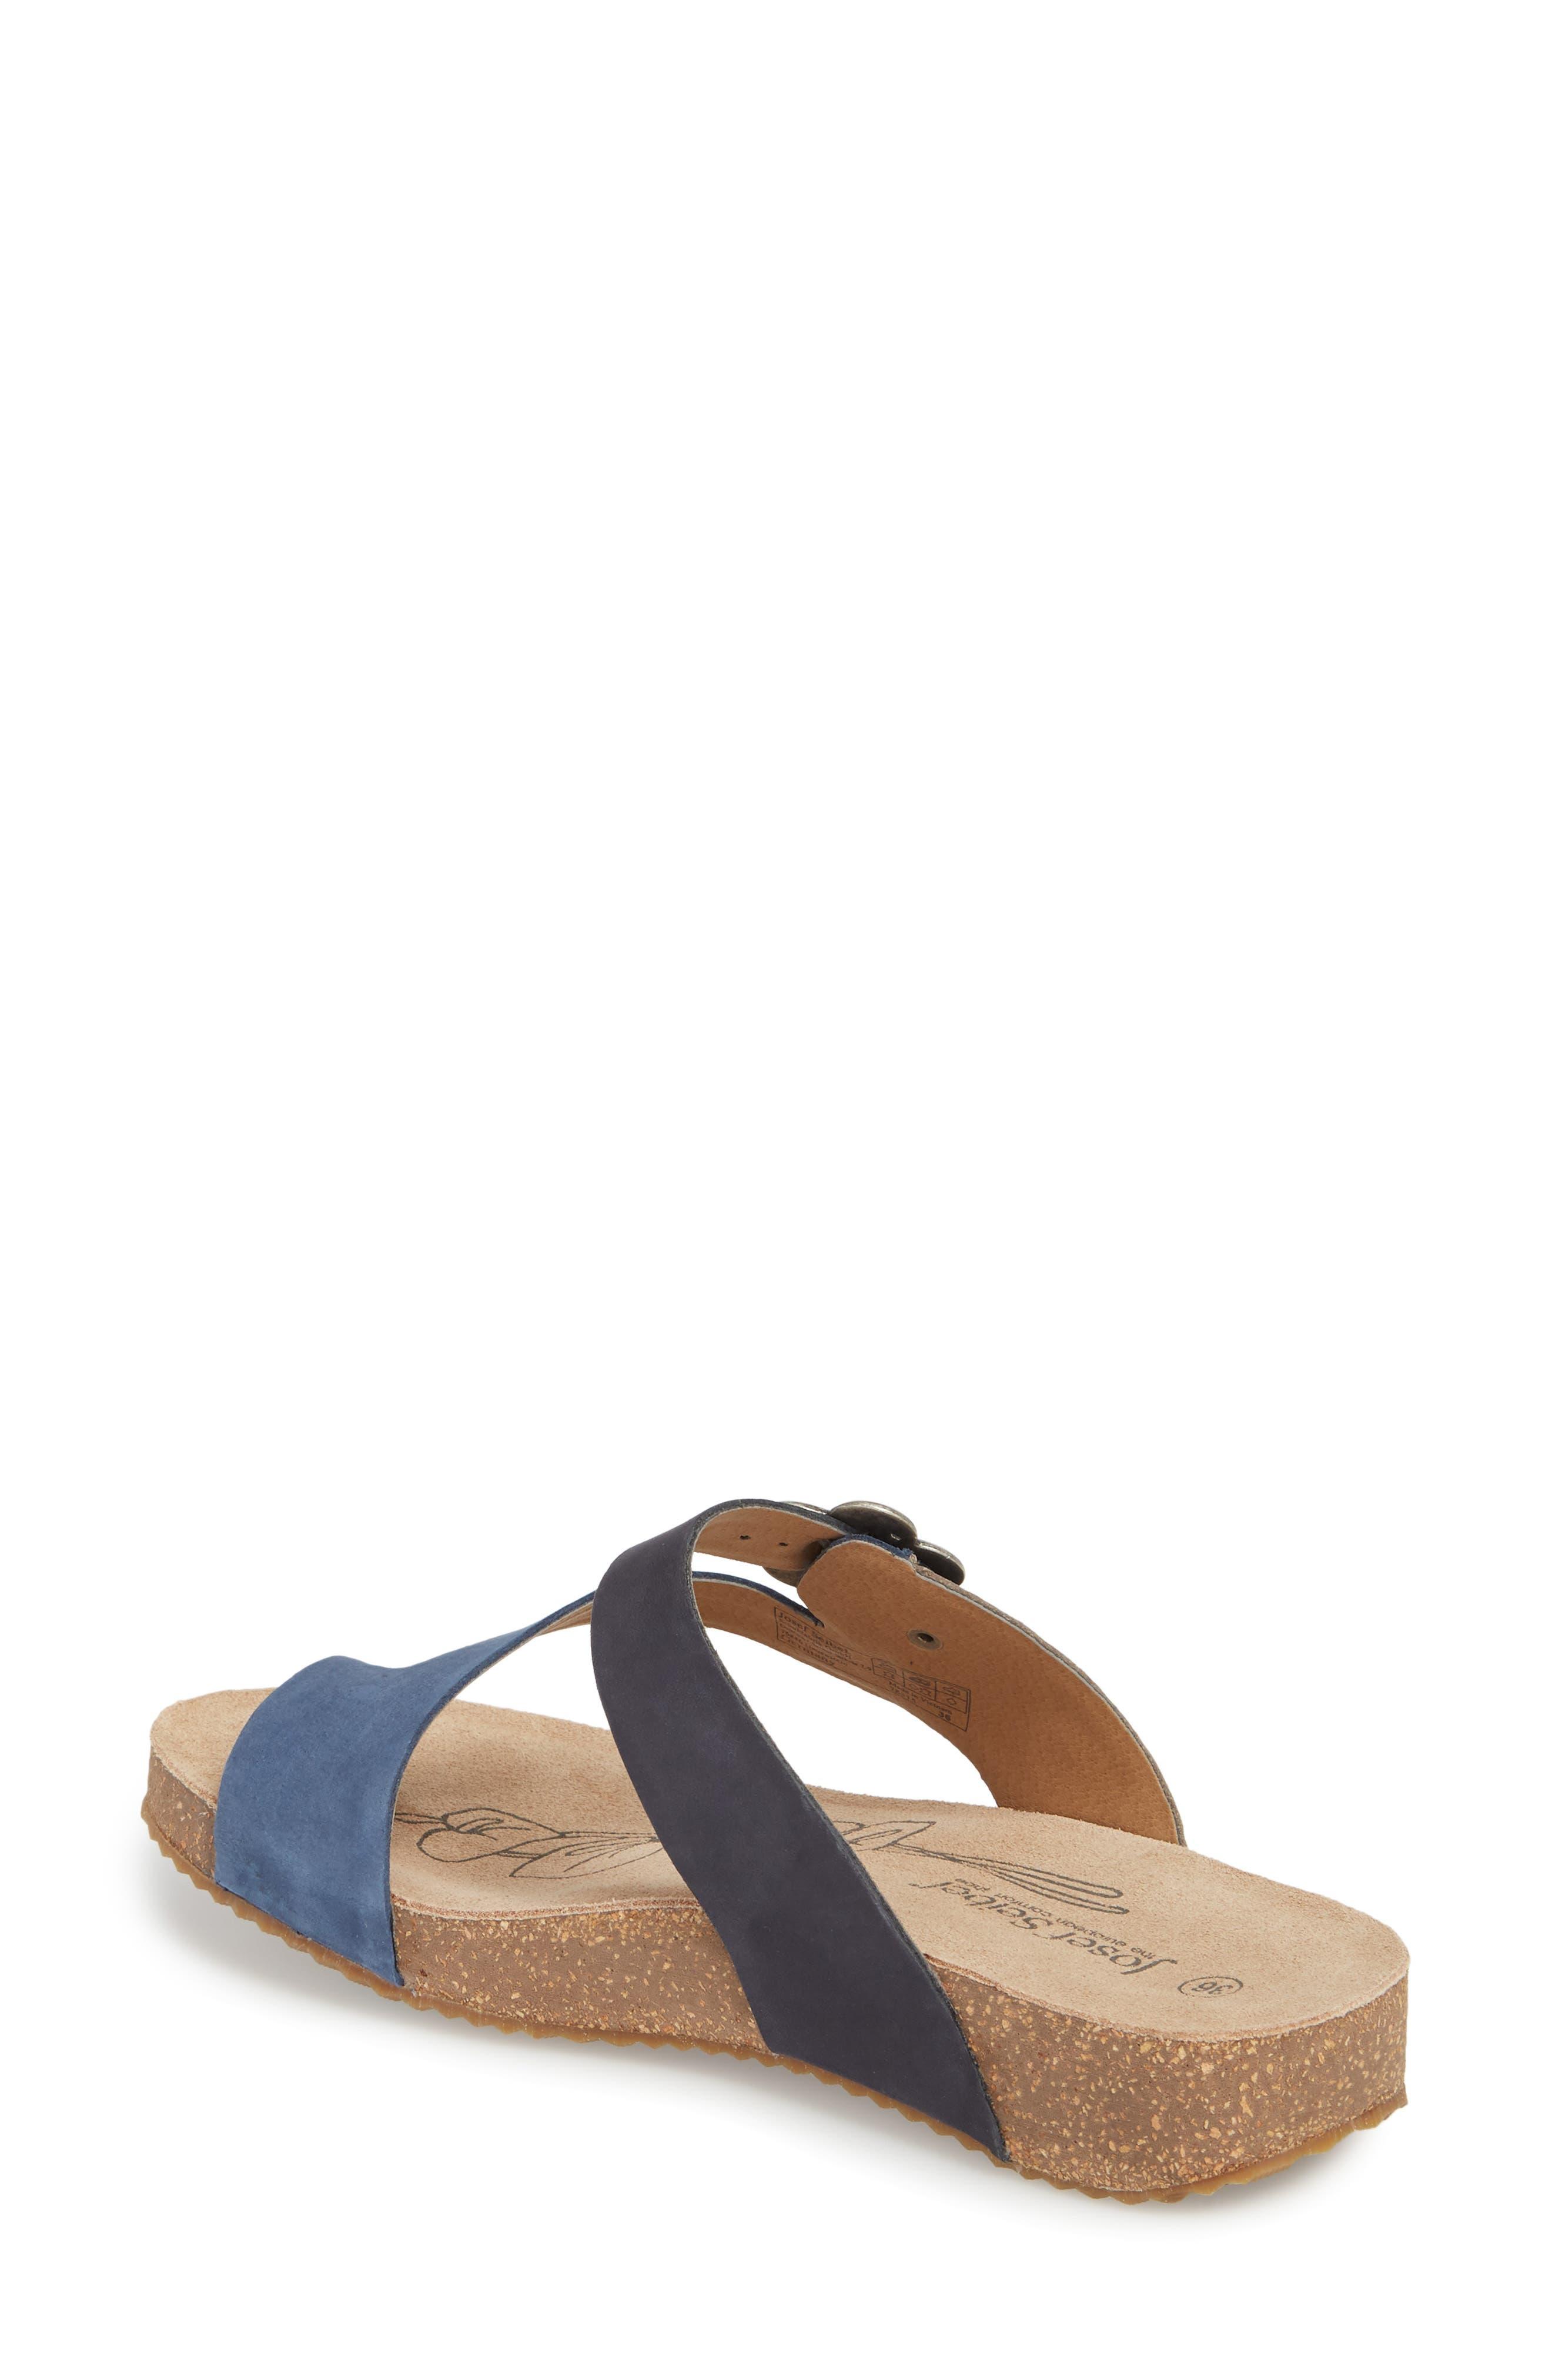 Tonga 23 Sandal,                             Alternate thumbnail 2, color,                             Blue Multi Leather